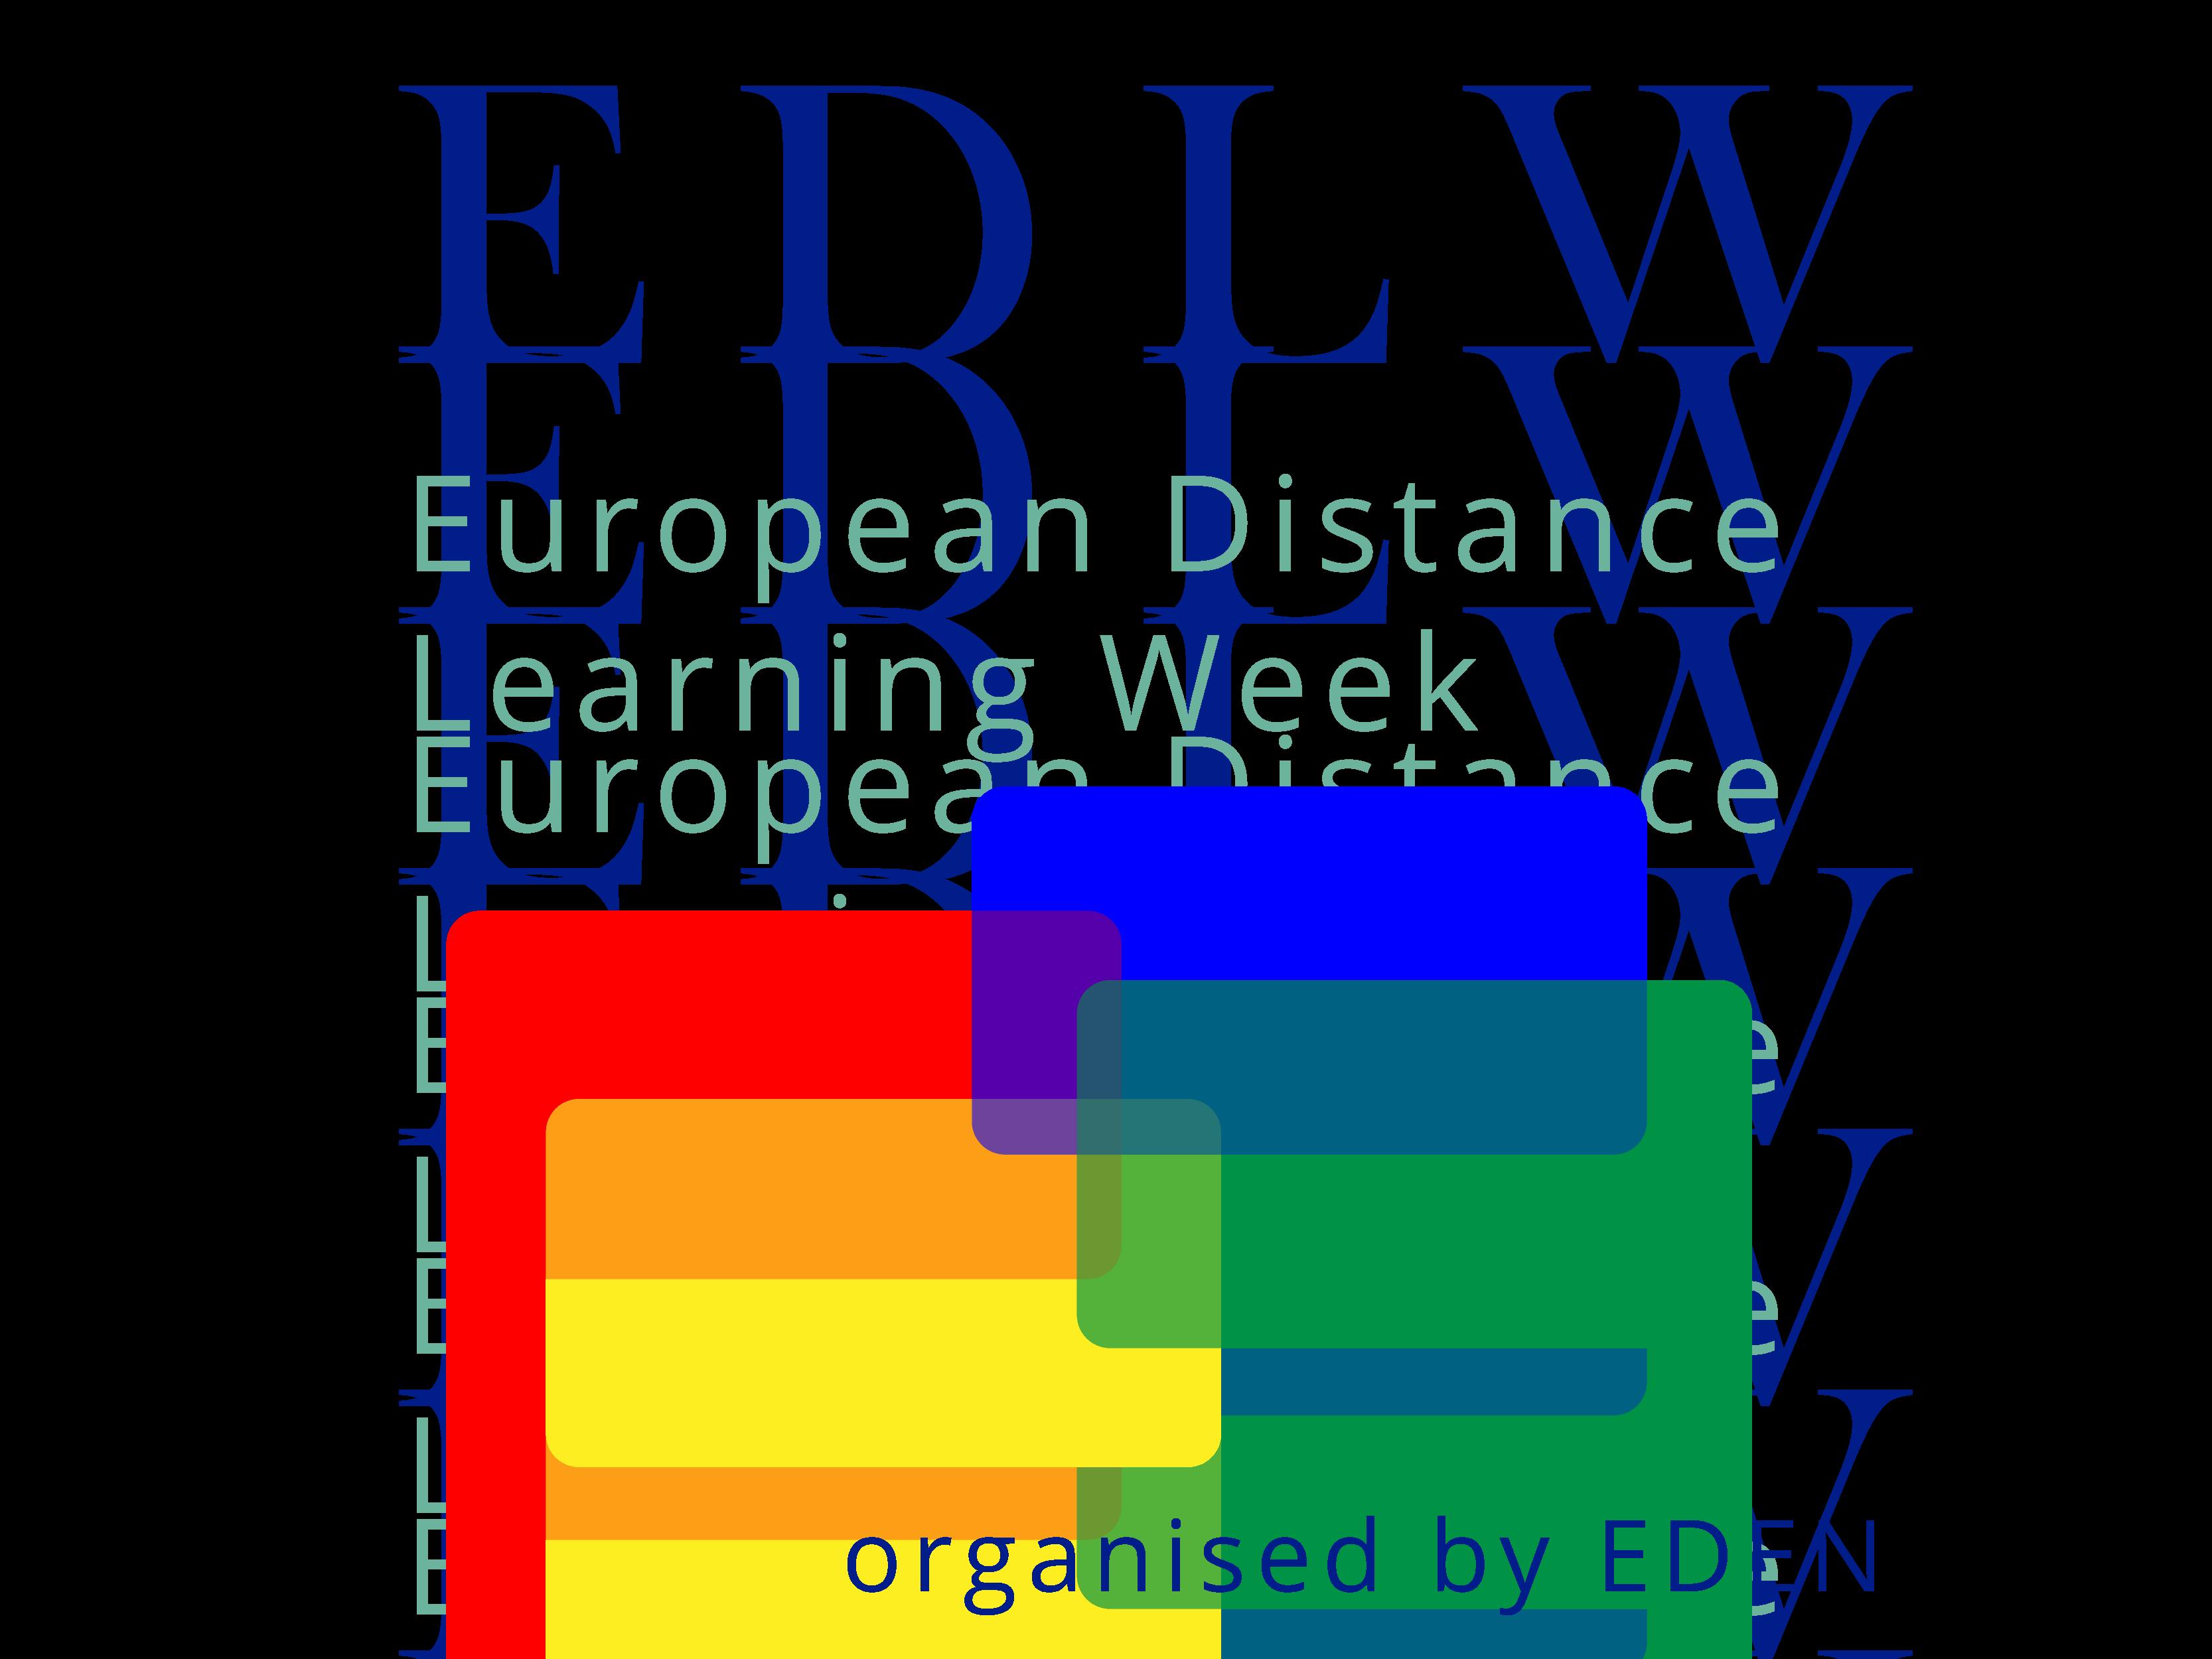 European Distance Learning Week logo